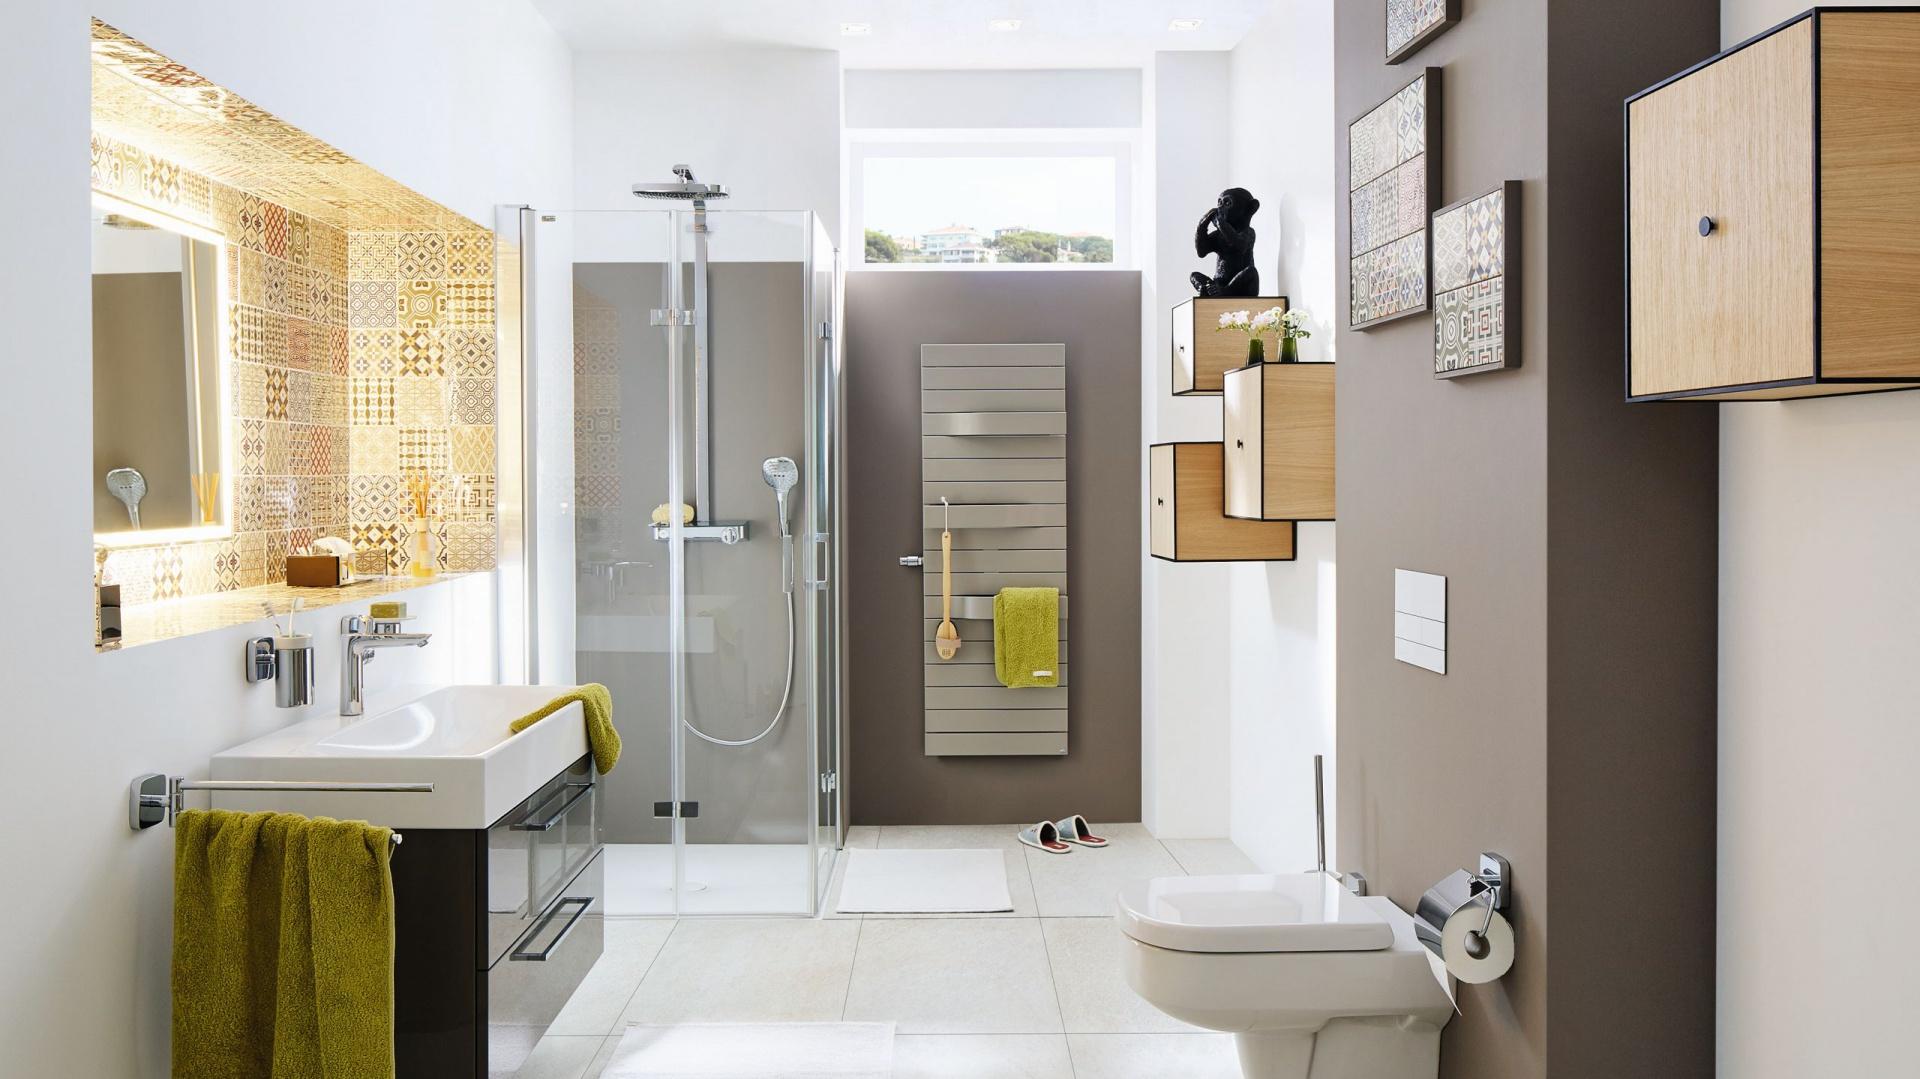 Często wystarczą nawet niewielkie zmiany, aby zmodernizować istniejącą przestrzeń łazienkową i nadać jej nową wartość. Można na przykład wymienić starą, wysłużoną ceramiczną umywalkę i zastąpić ją nowoczesnym, efektownym modelem ze stali emaliowanej. Fot. Kaldewei